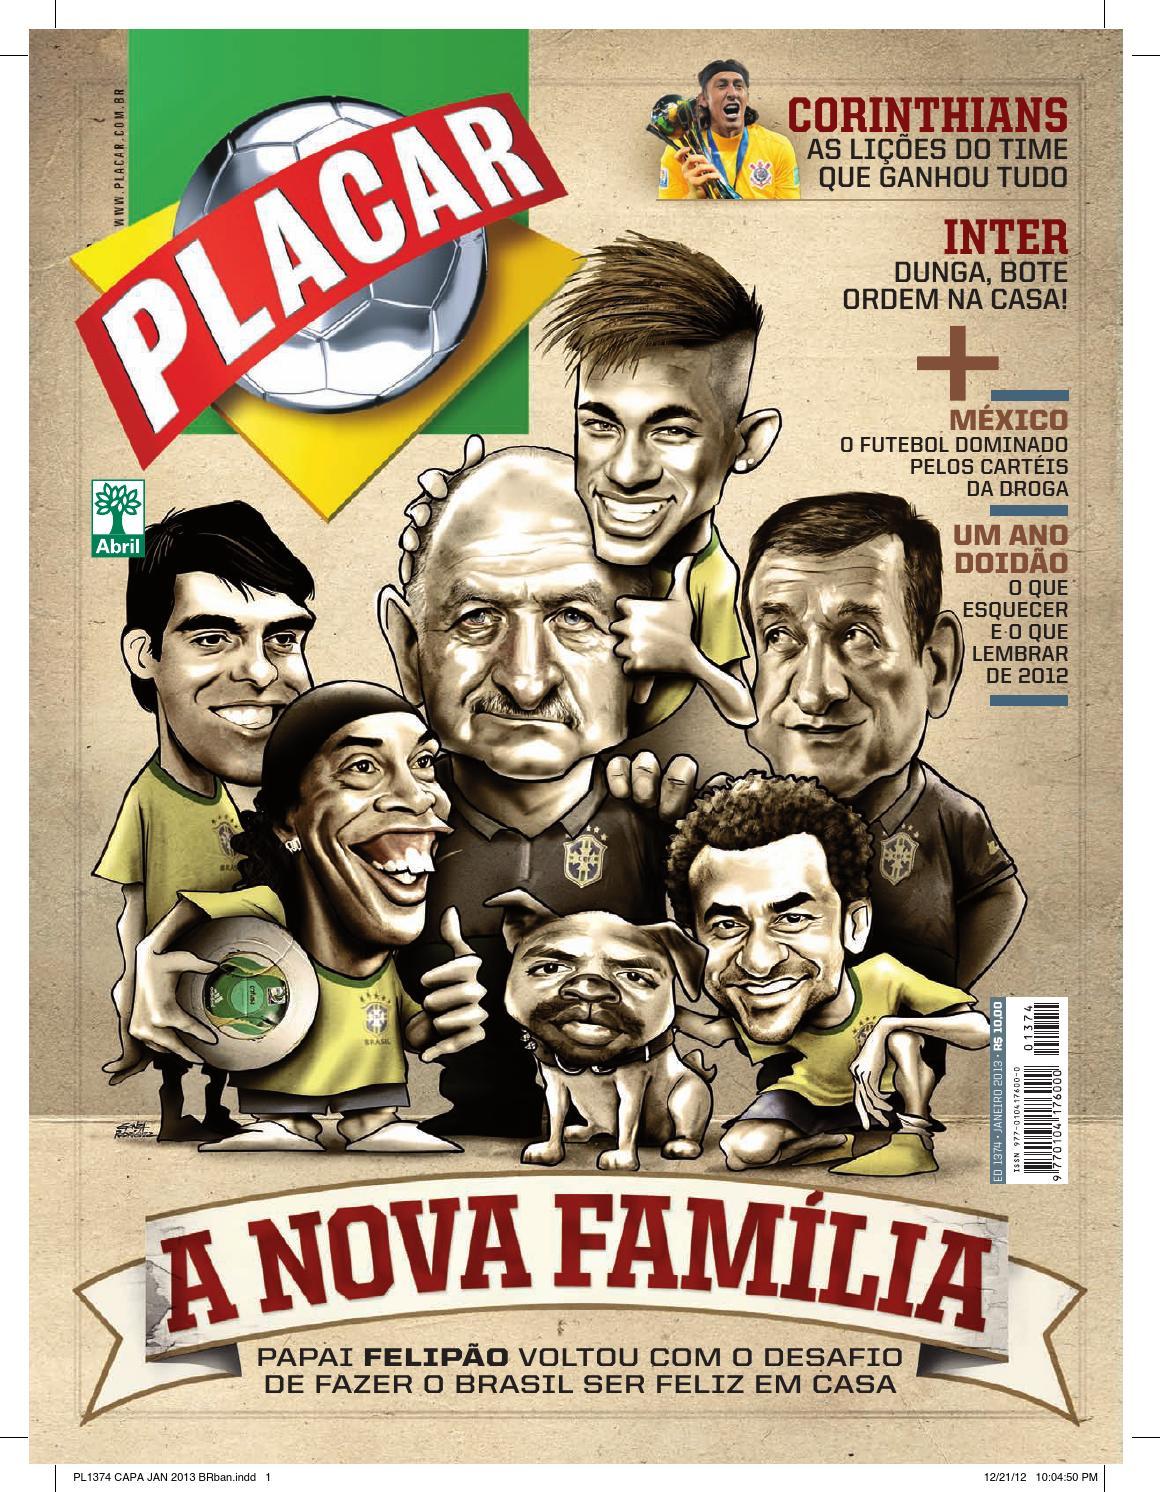 Revista Placar by Revista Placar - issuu e263996413ebf